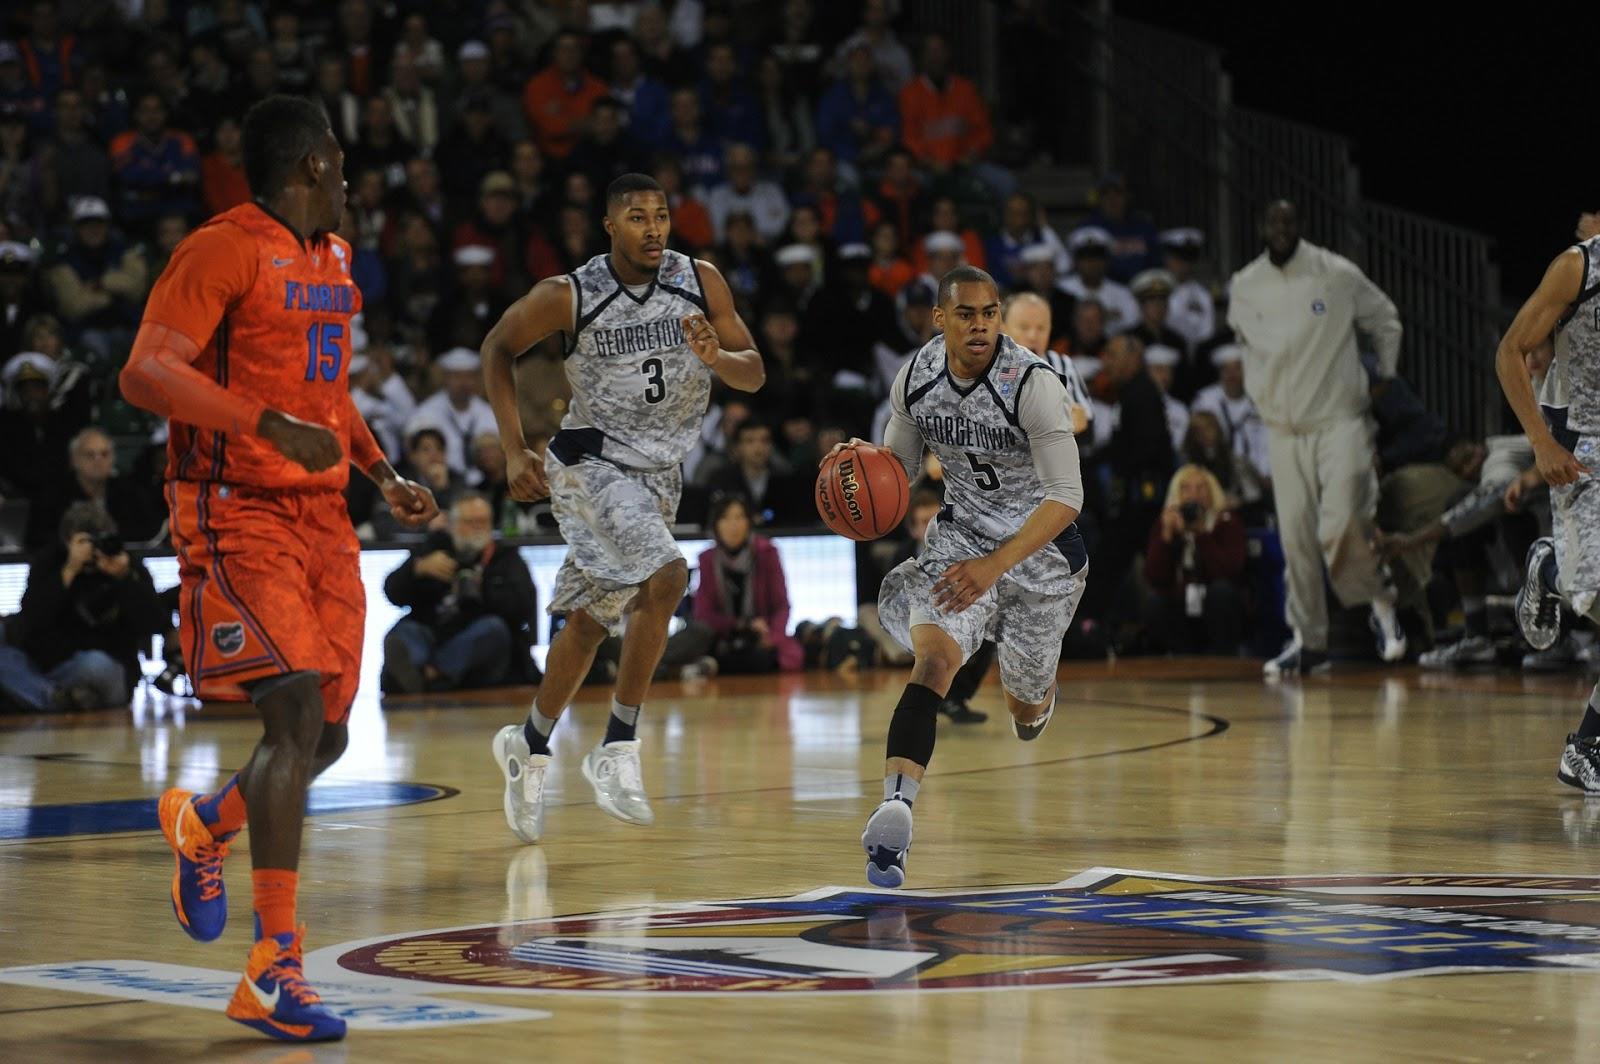 El juego de pies te permite obtener una gran variante de ataques en el basquetbol